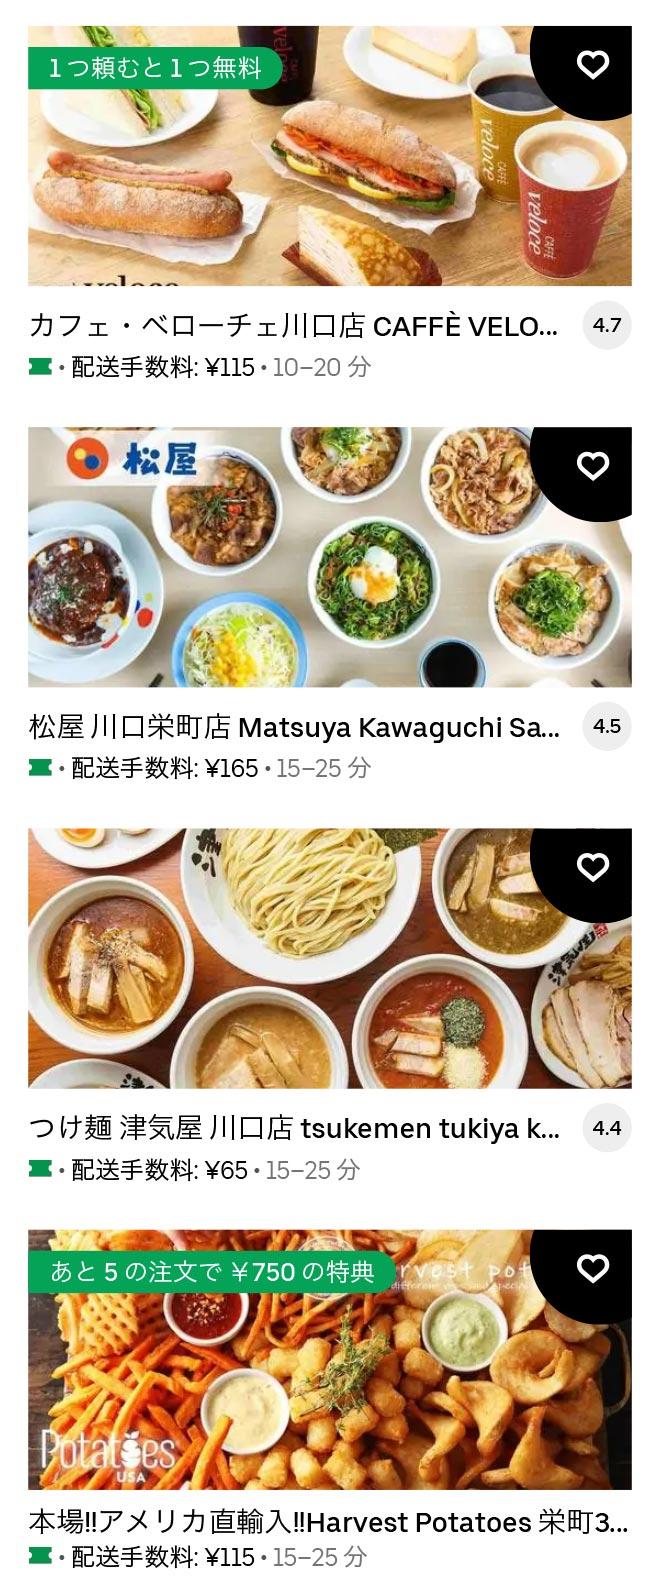 U kawaguchi 2104 08